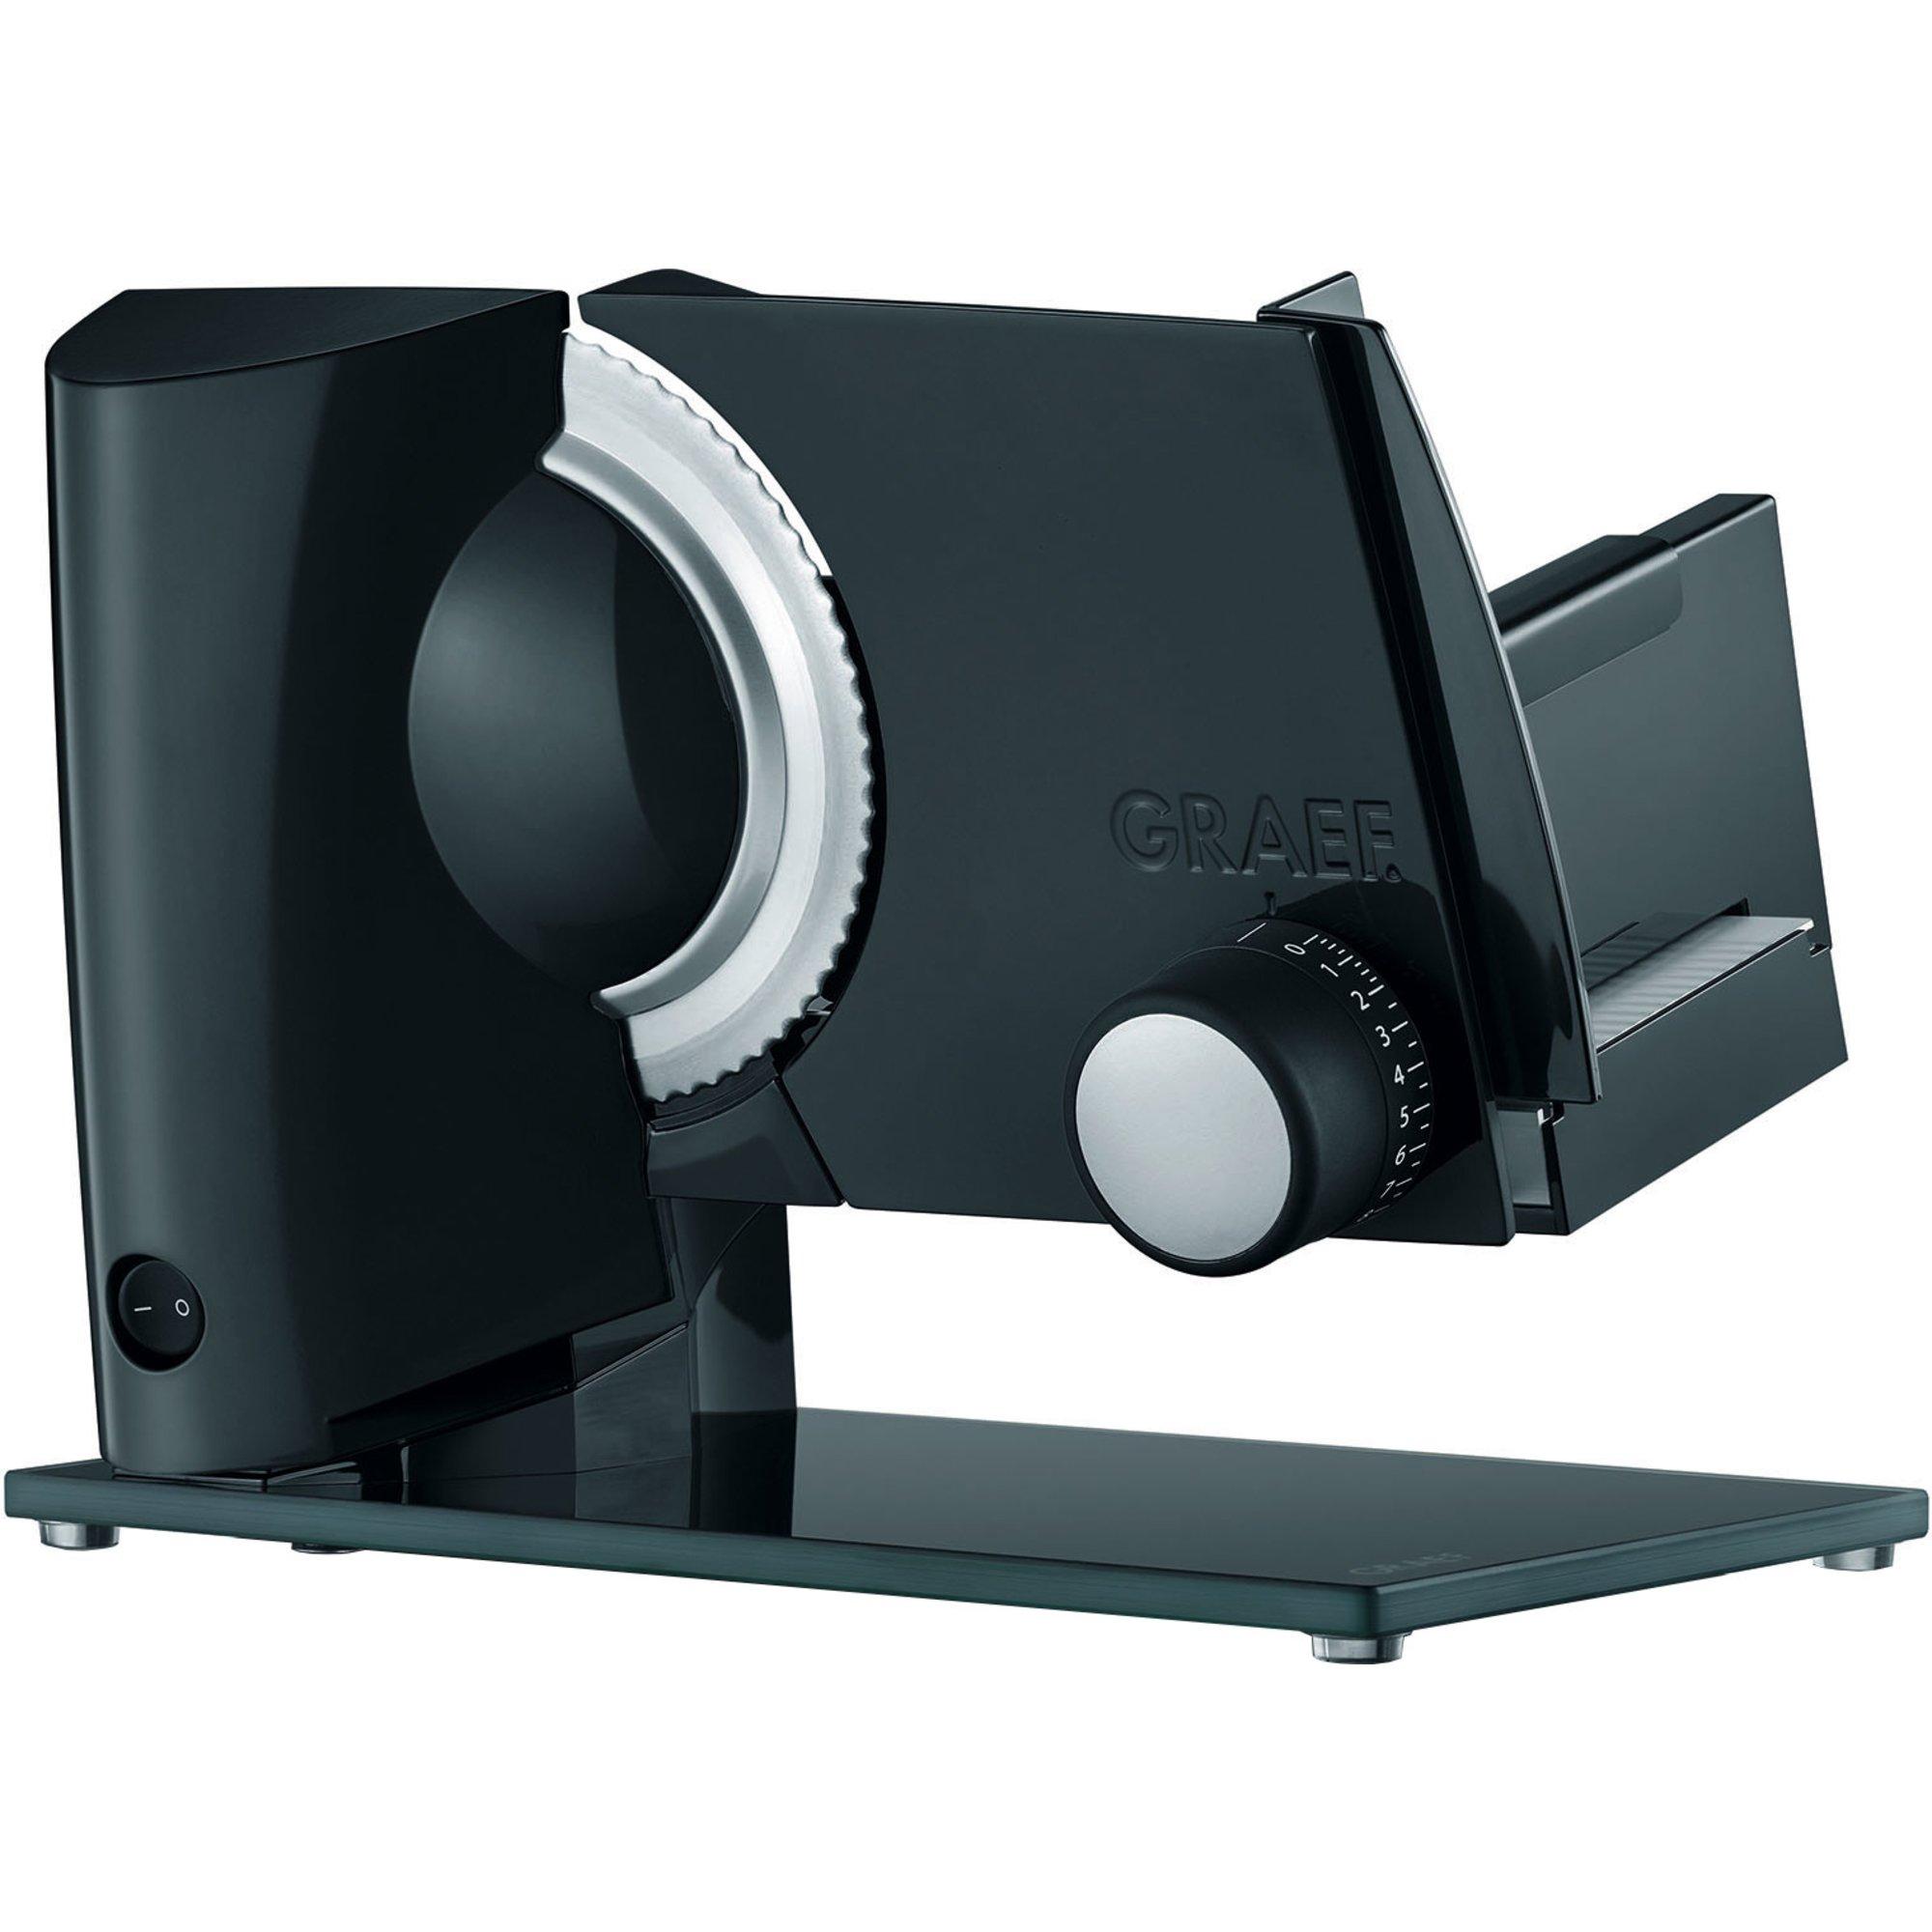 Graef MultiCut Plus Påläggsmaskin svart